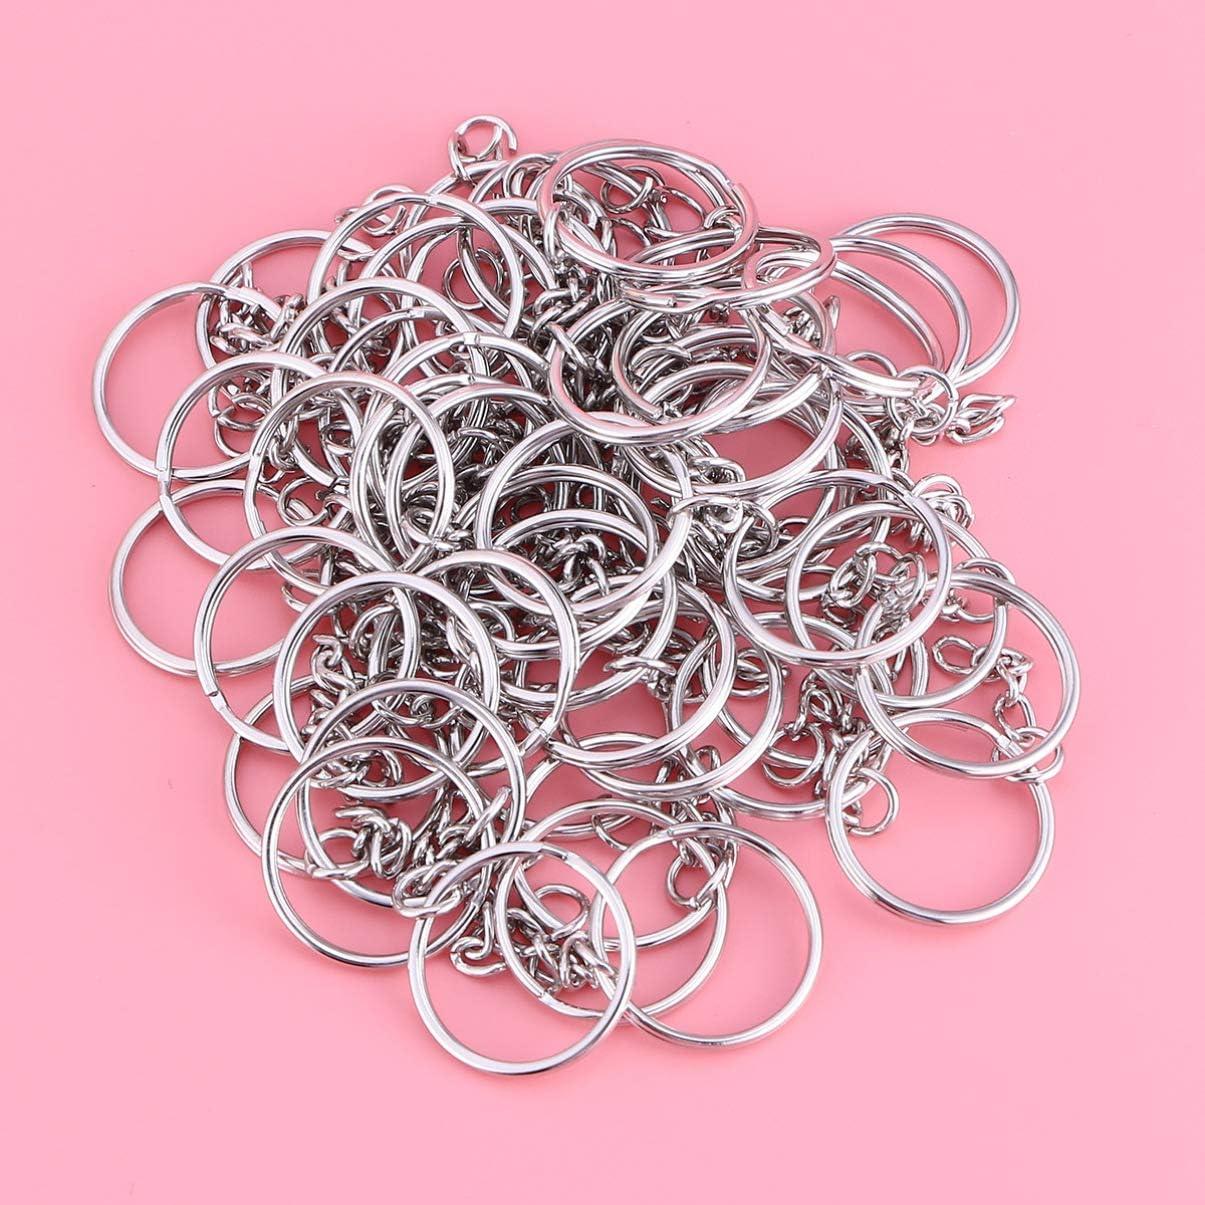 rosenice 50/pi/èces anneau de porte-cl/és avec cha/îne en m/étal pour cl/é couleur de nickel